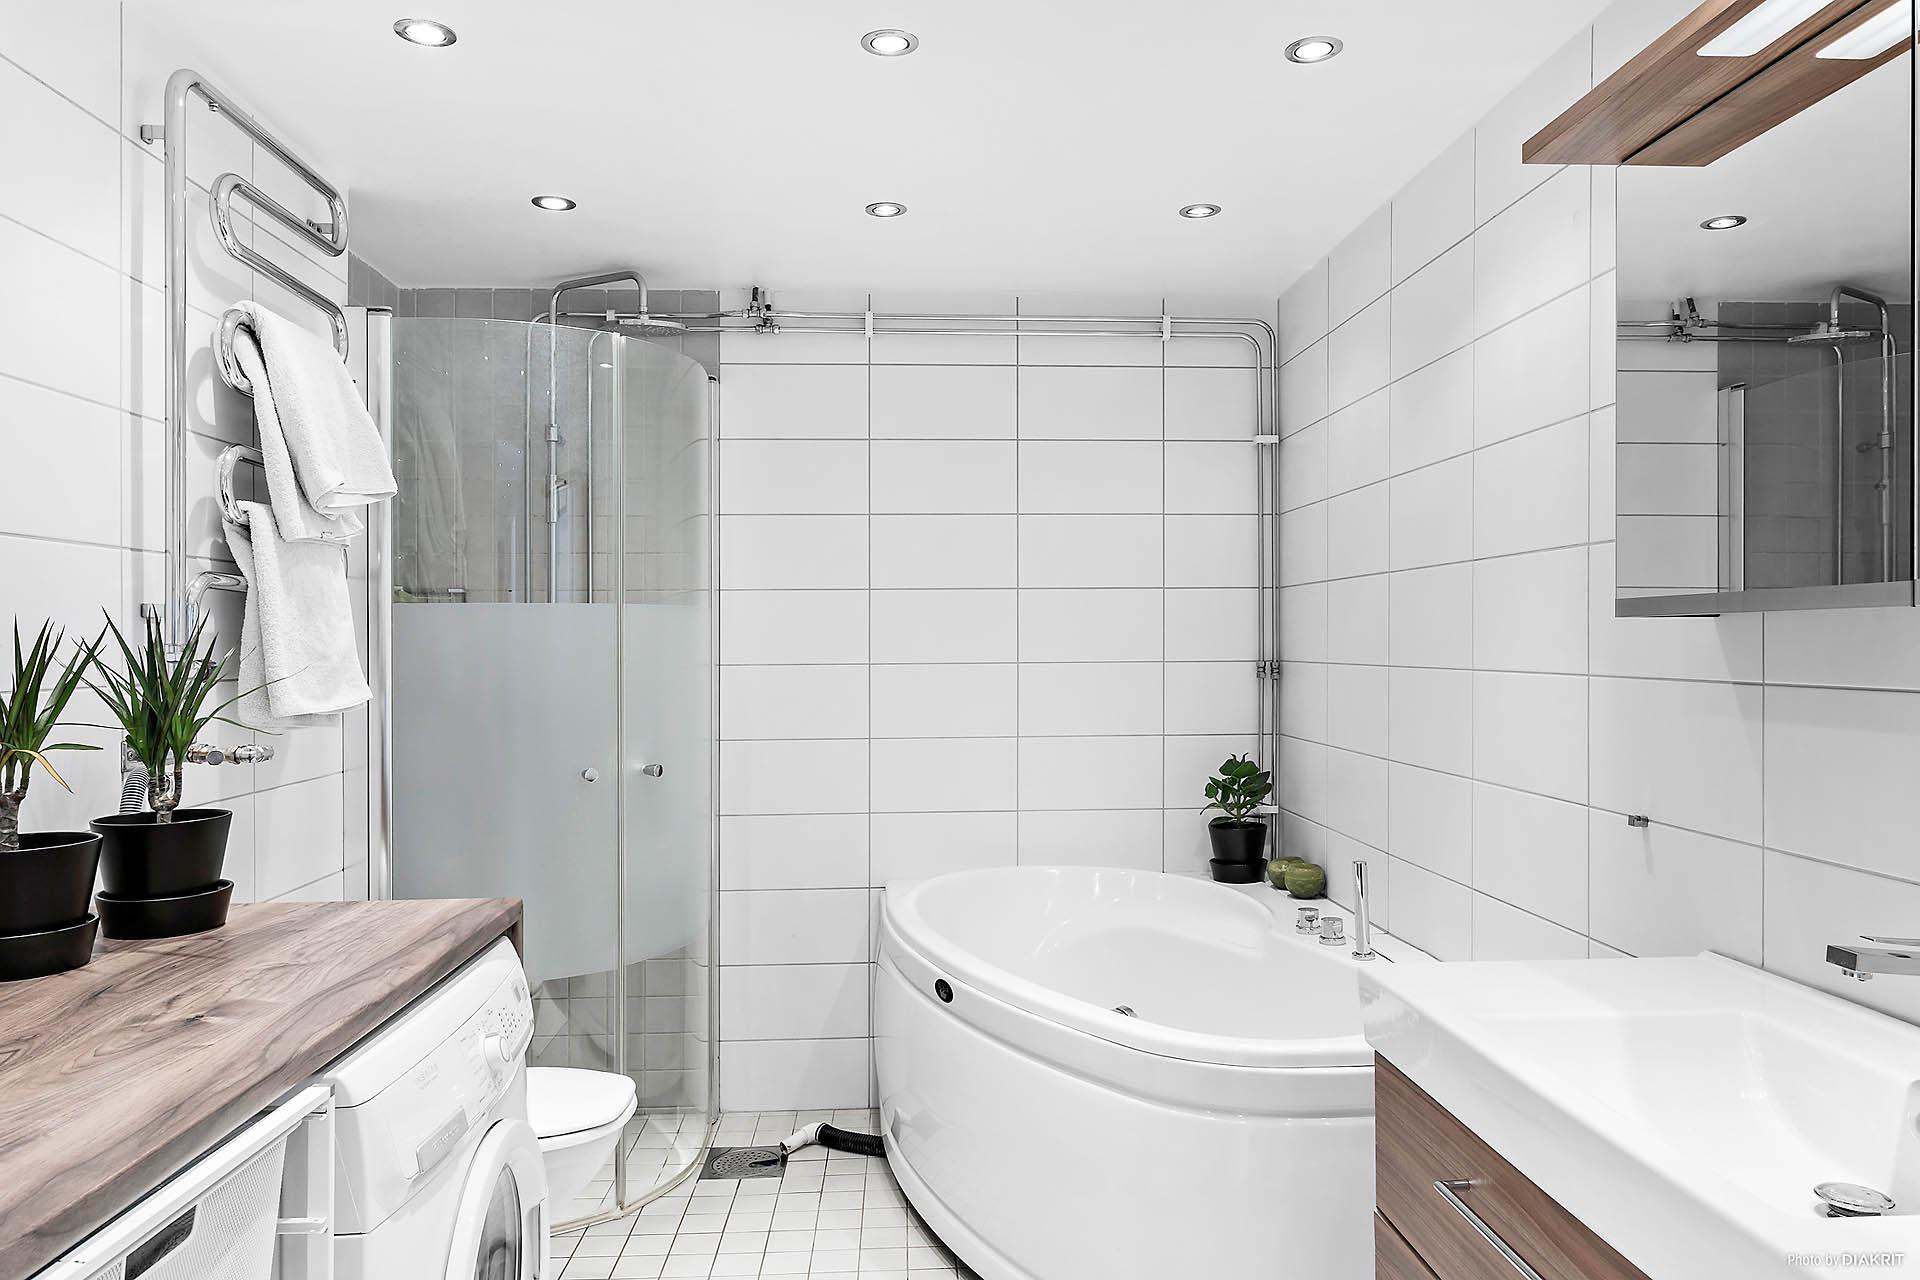 Snyggt, renoverat badrum